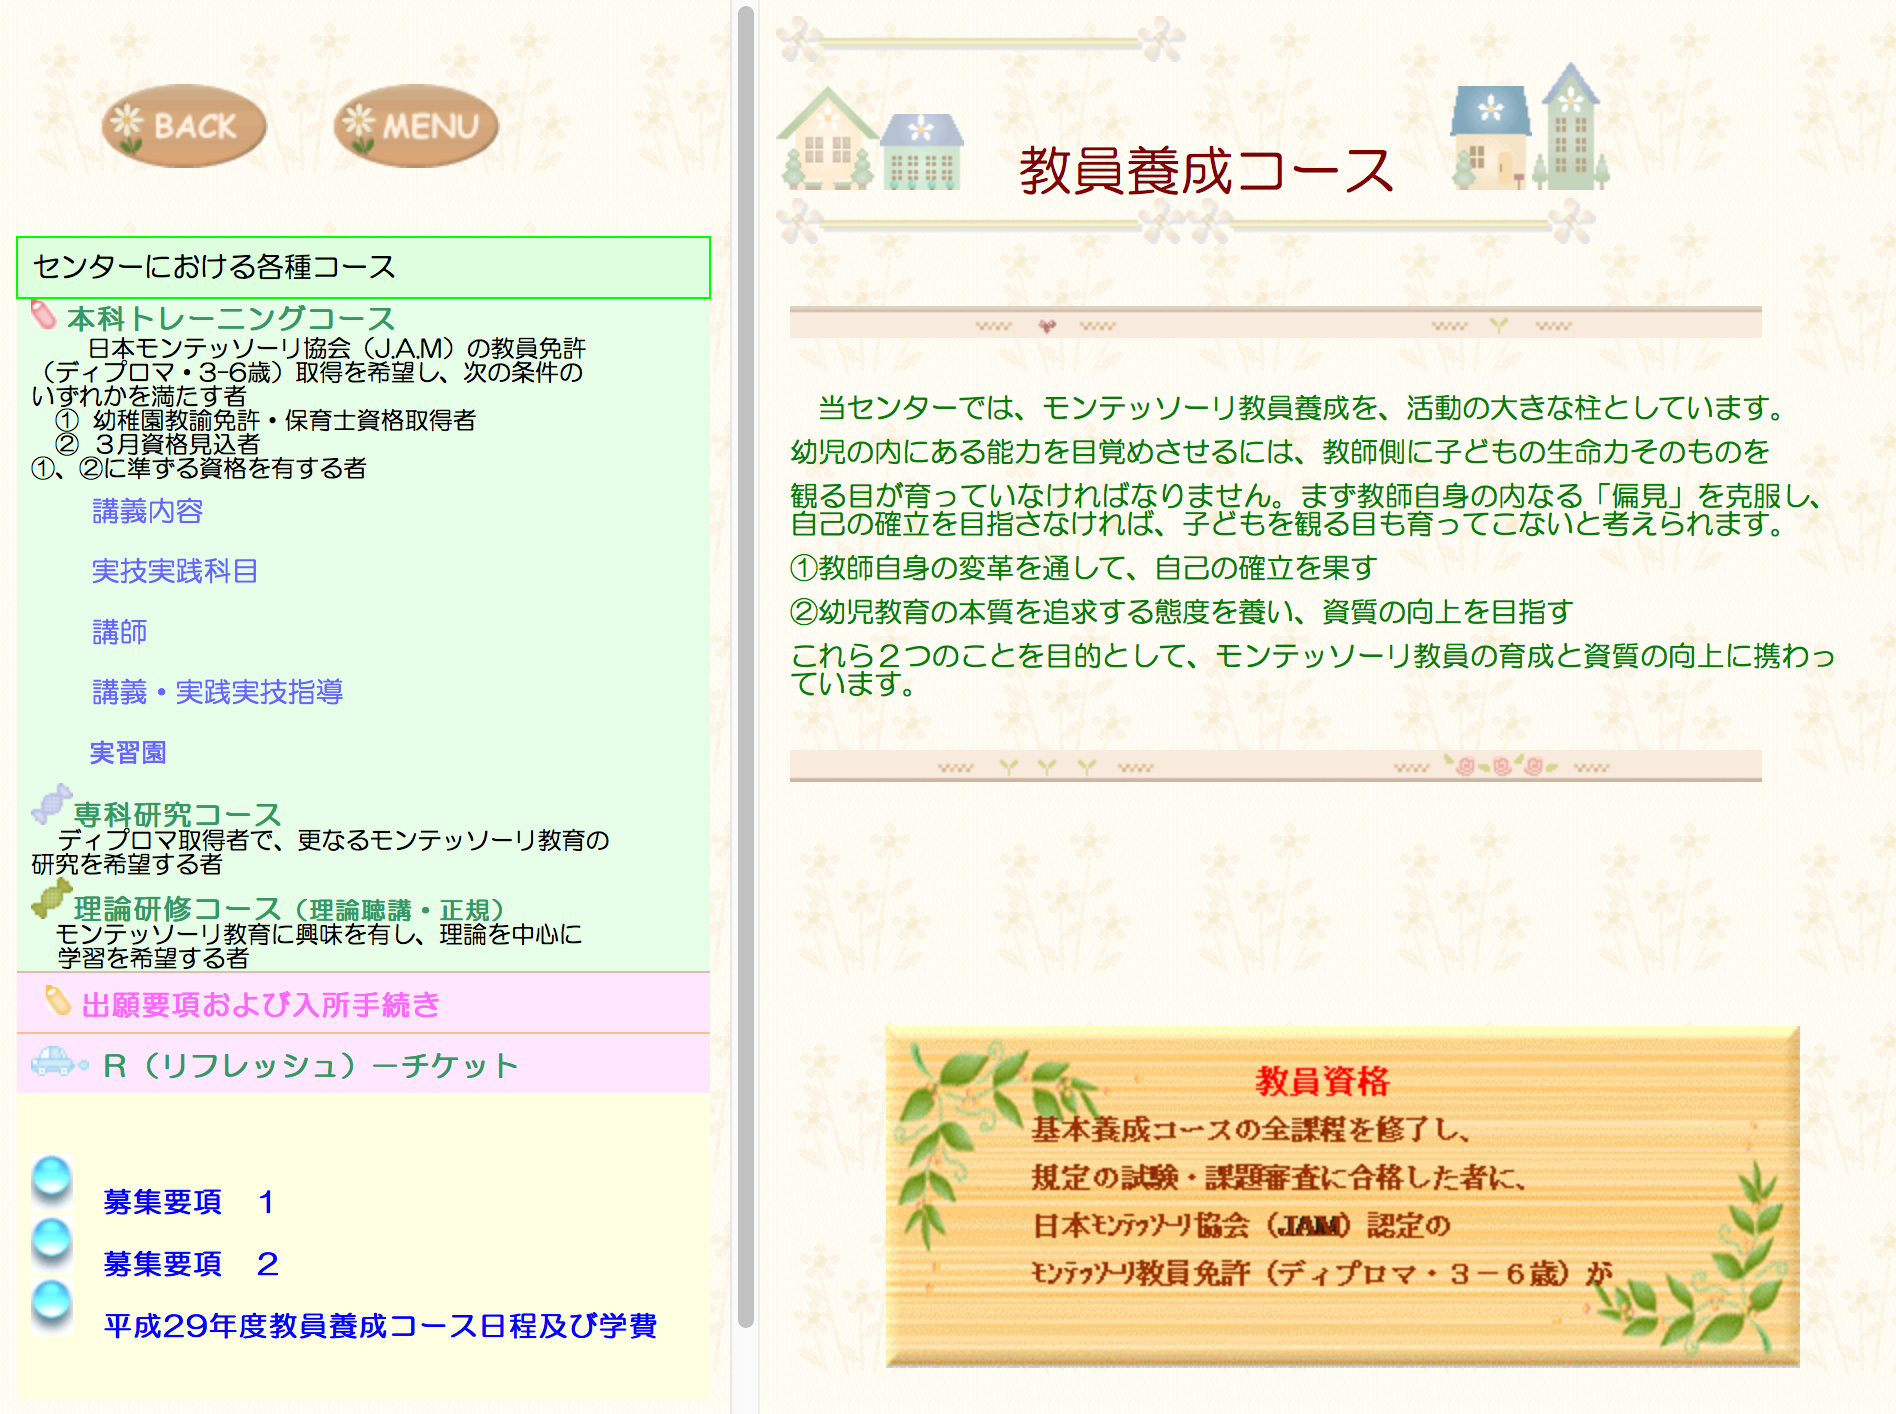 九州幼児教育センターのホームページ